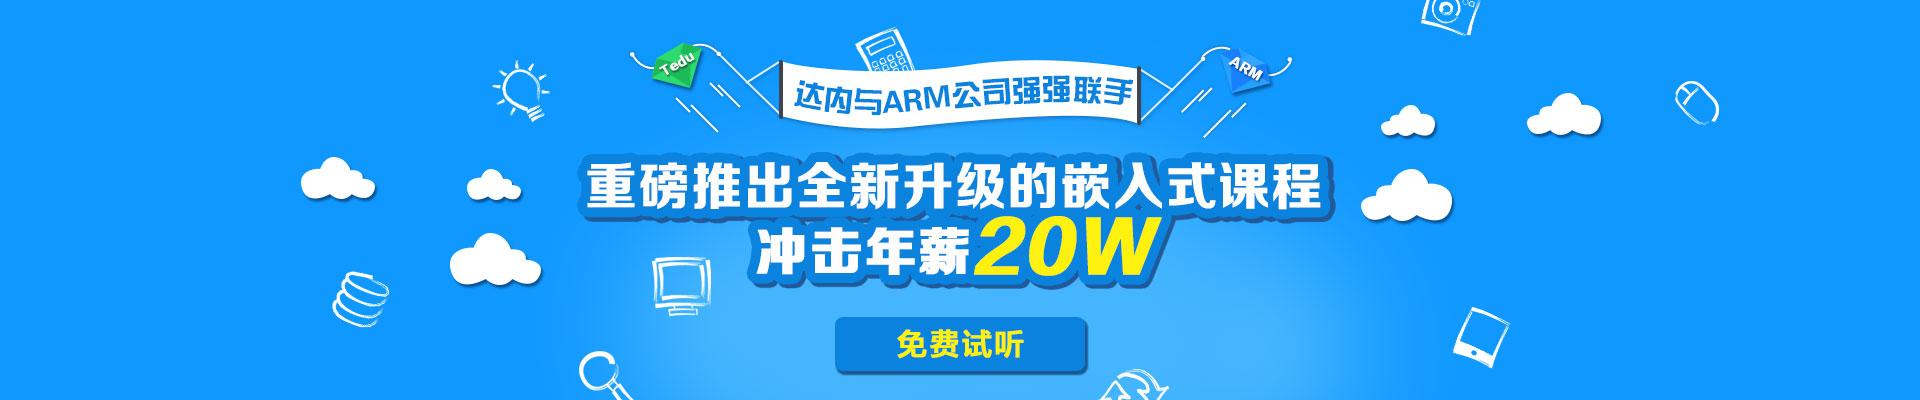 达内与ARM重磅推出全新嵌入式课程,冲击年薪20万